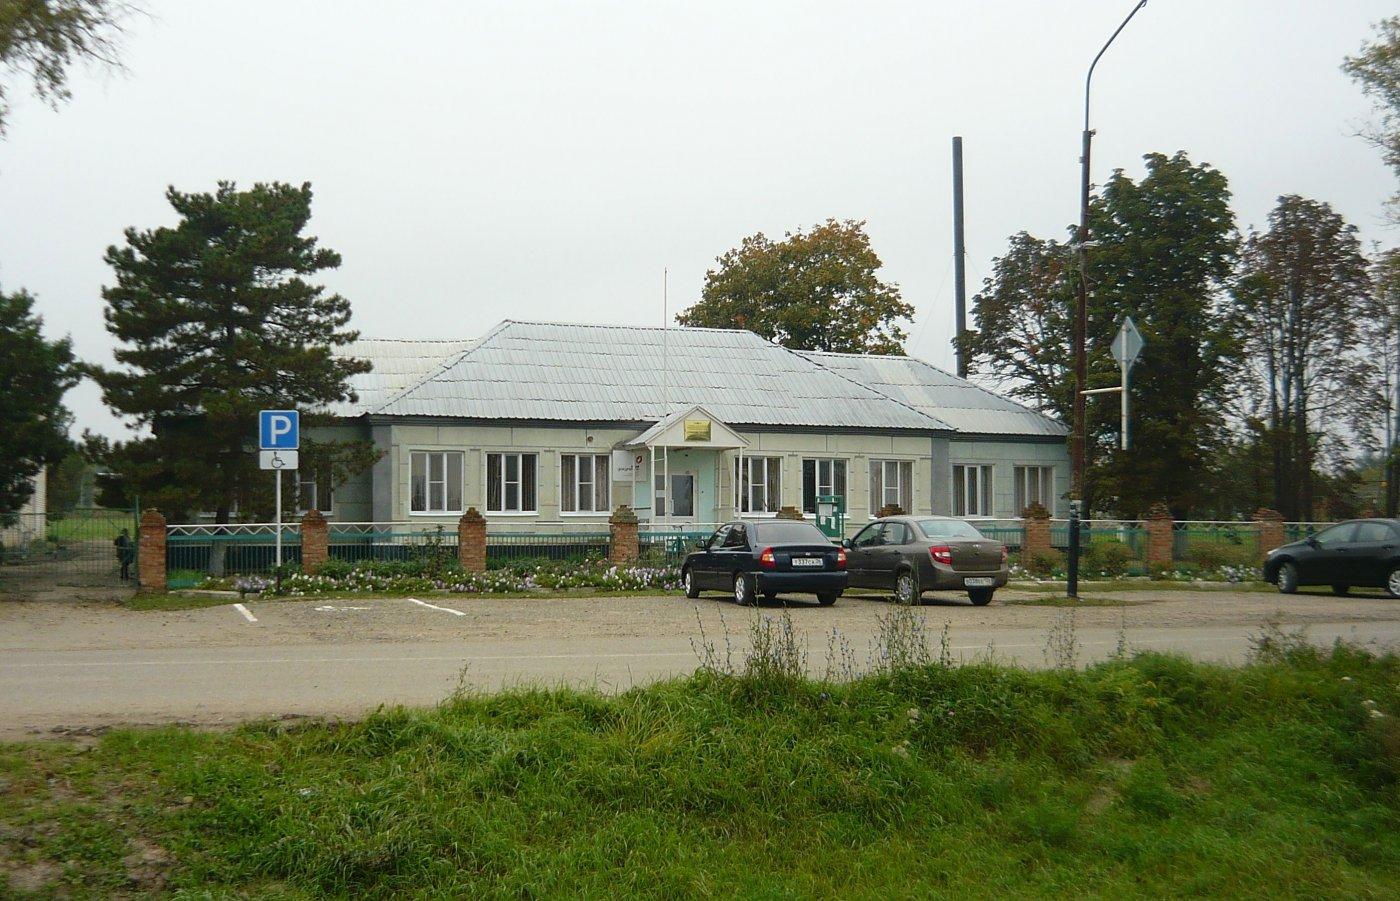 Фото P1060056.JPG. Россия, Ставропольский край, Новоизобильный, Юбилейная улица